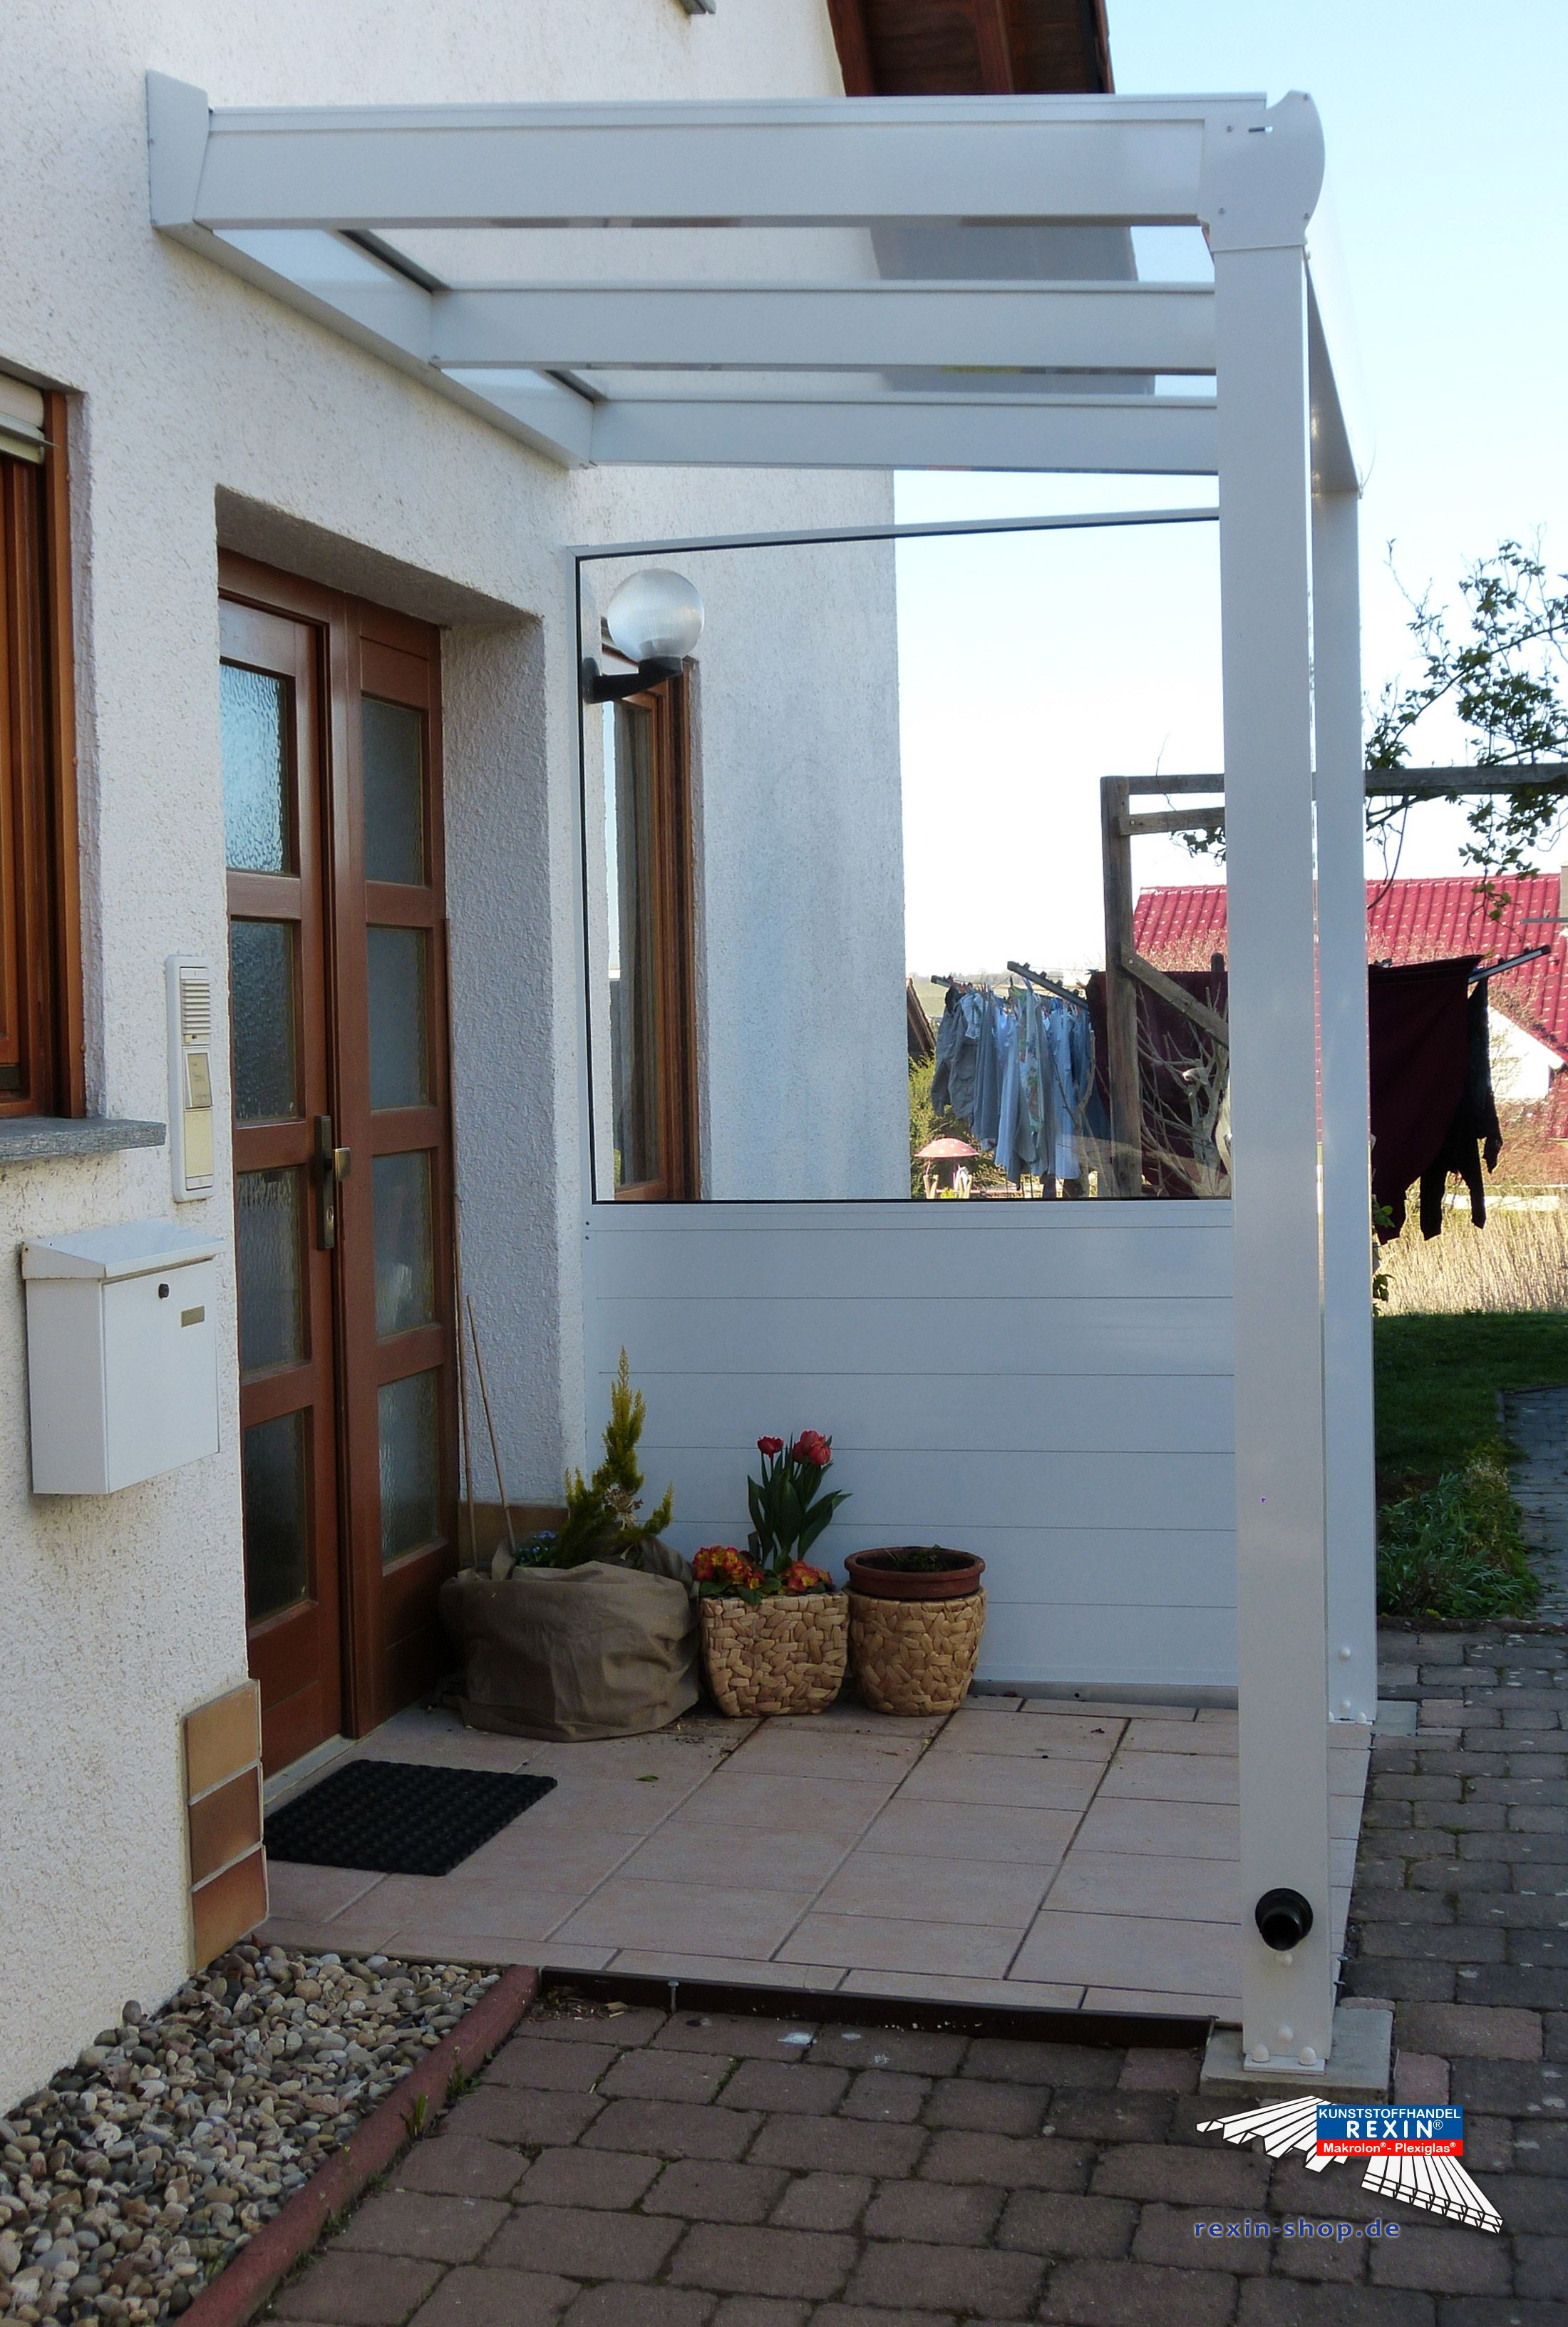 Haustürvordach Mit Seitenteil ein alu haustürvordach der marke rexovita 2m x 1 5m in weiß mit